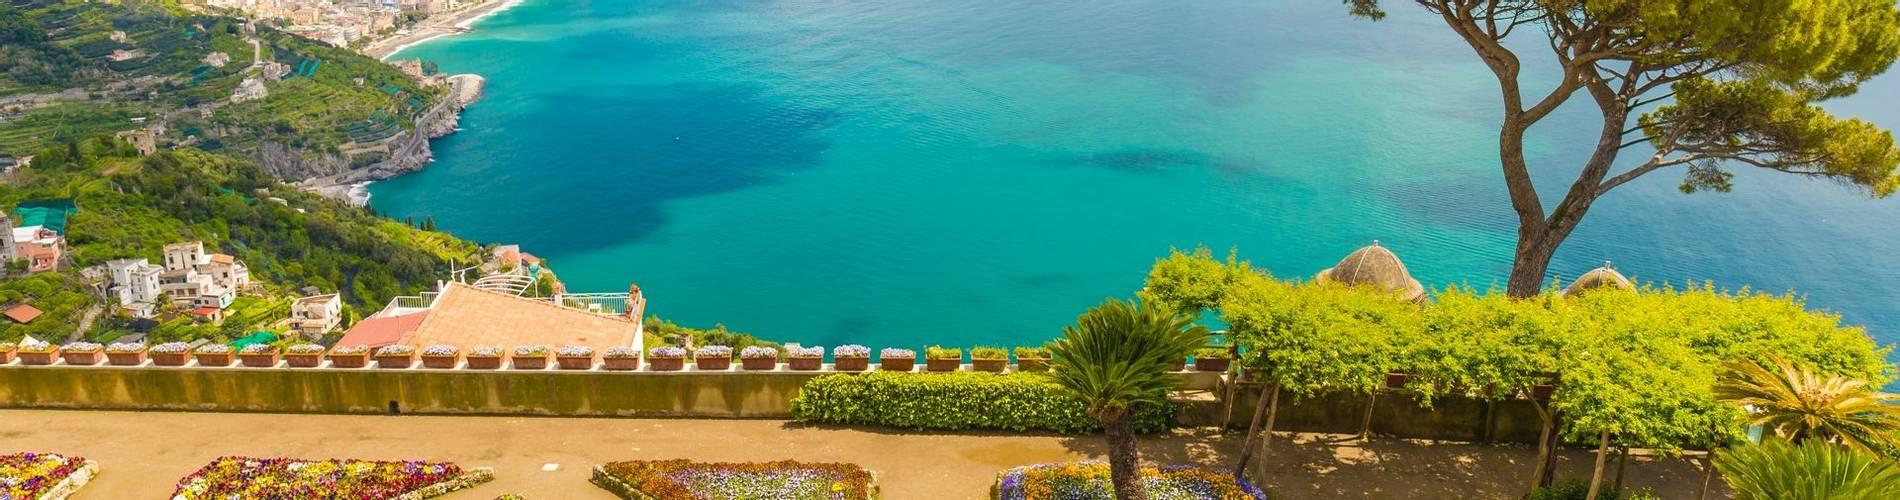 Ravello, Amalfi, Italy.jpg